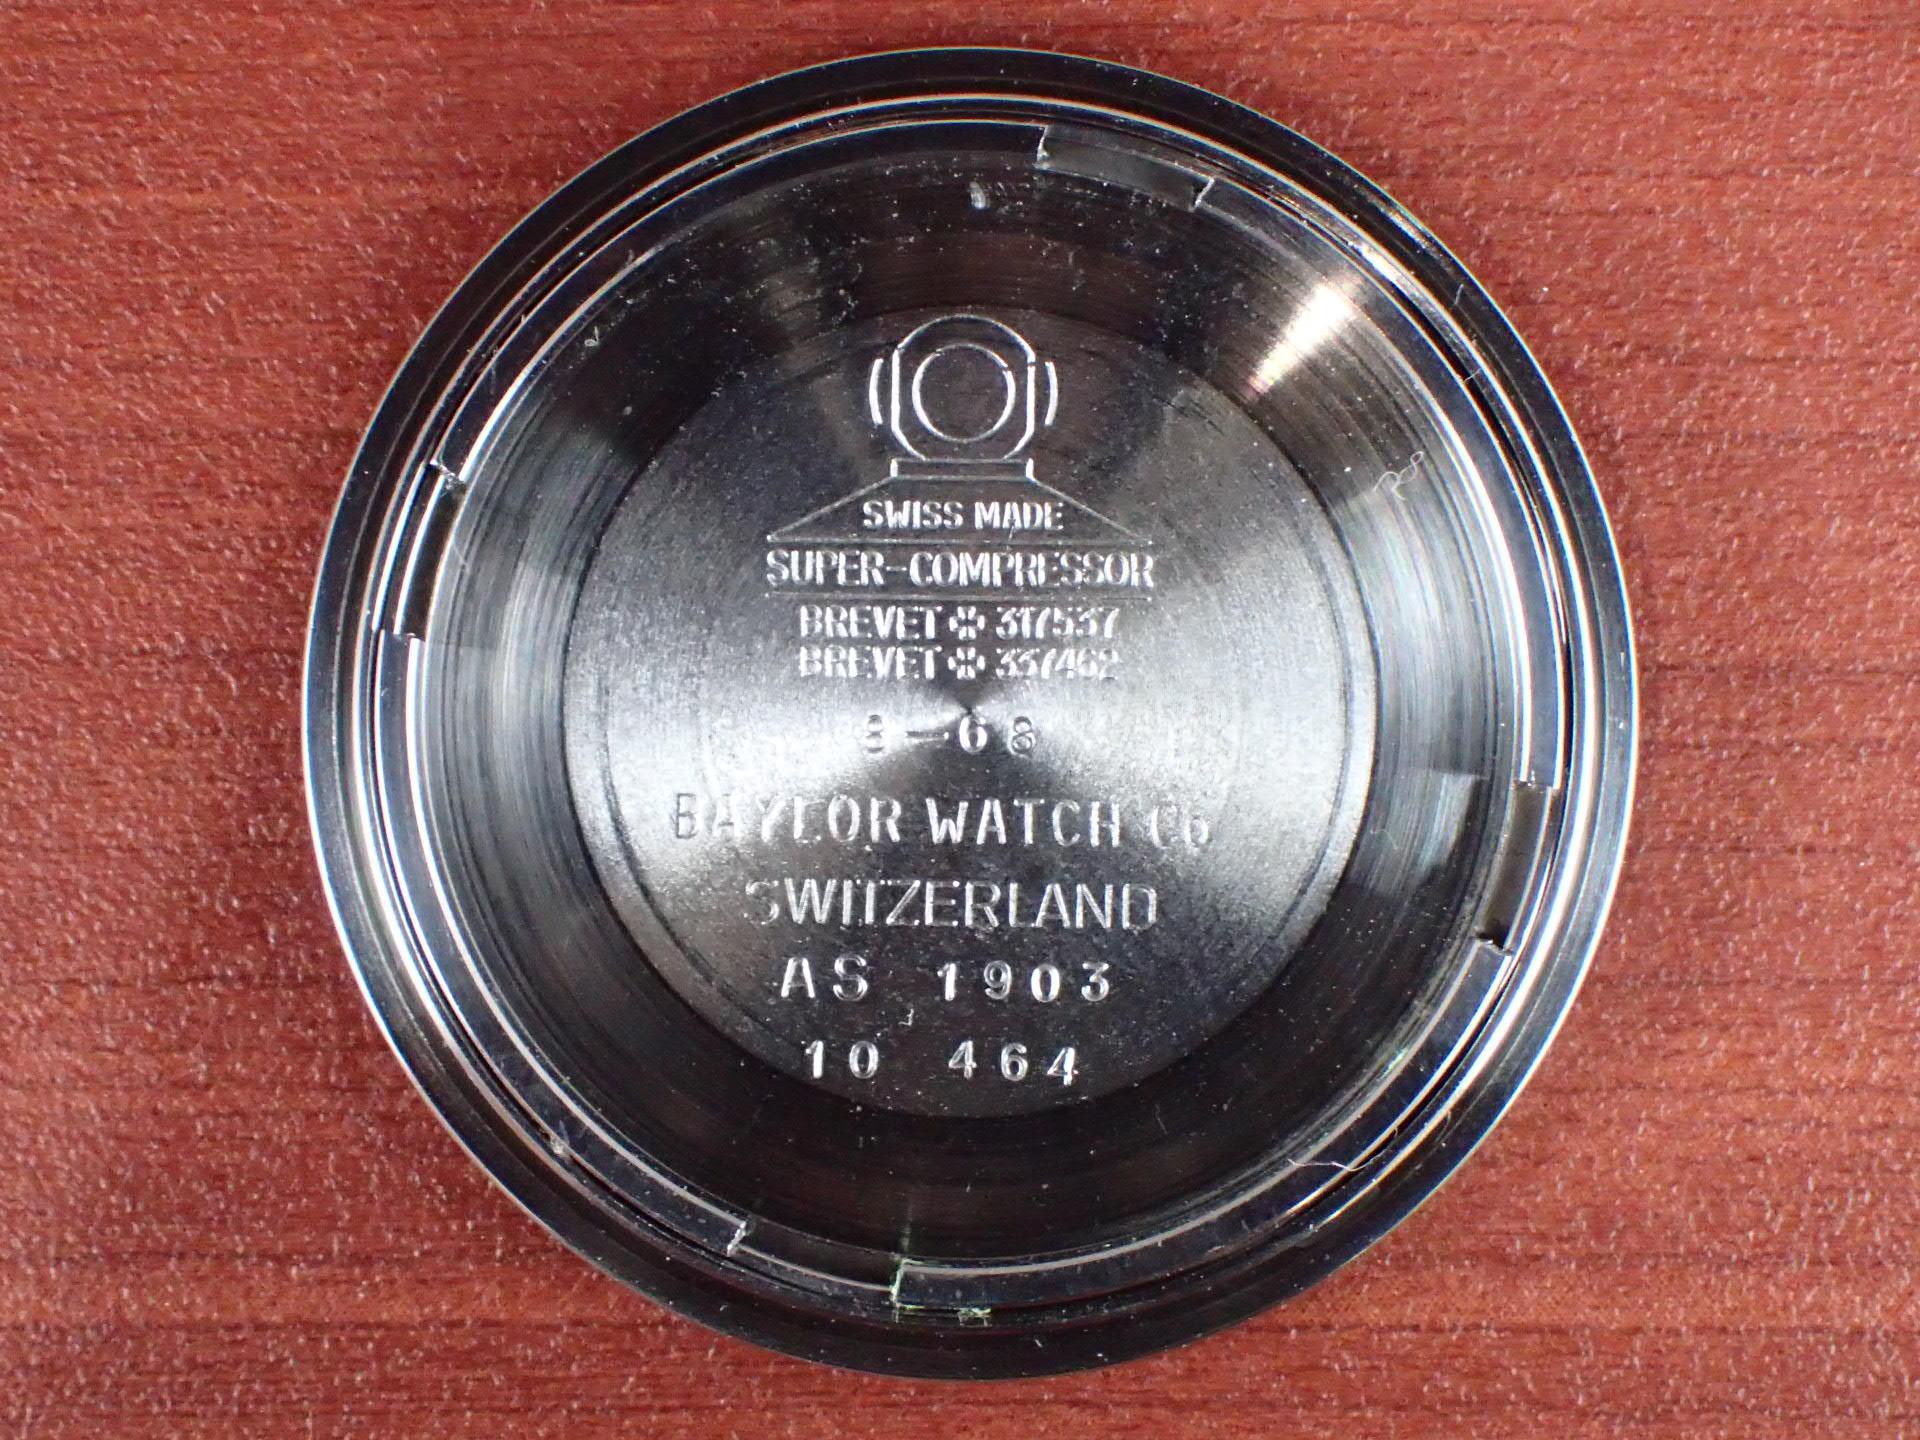 ベイラー ダイバーズウォッチ スーパーコンプレッサー 1960年代の写真6枚目